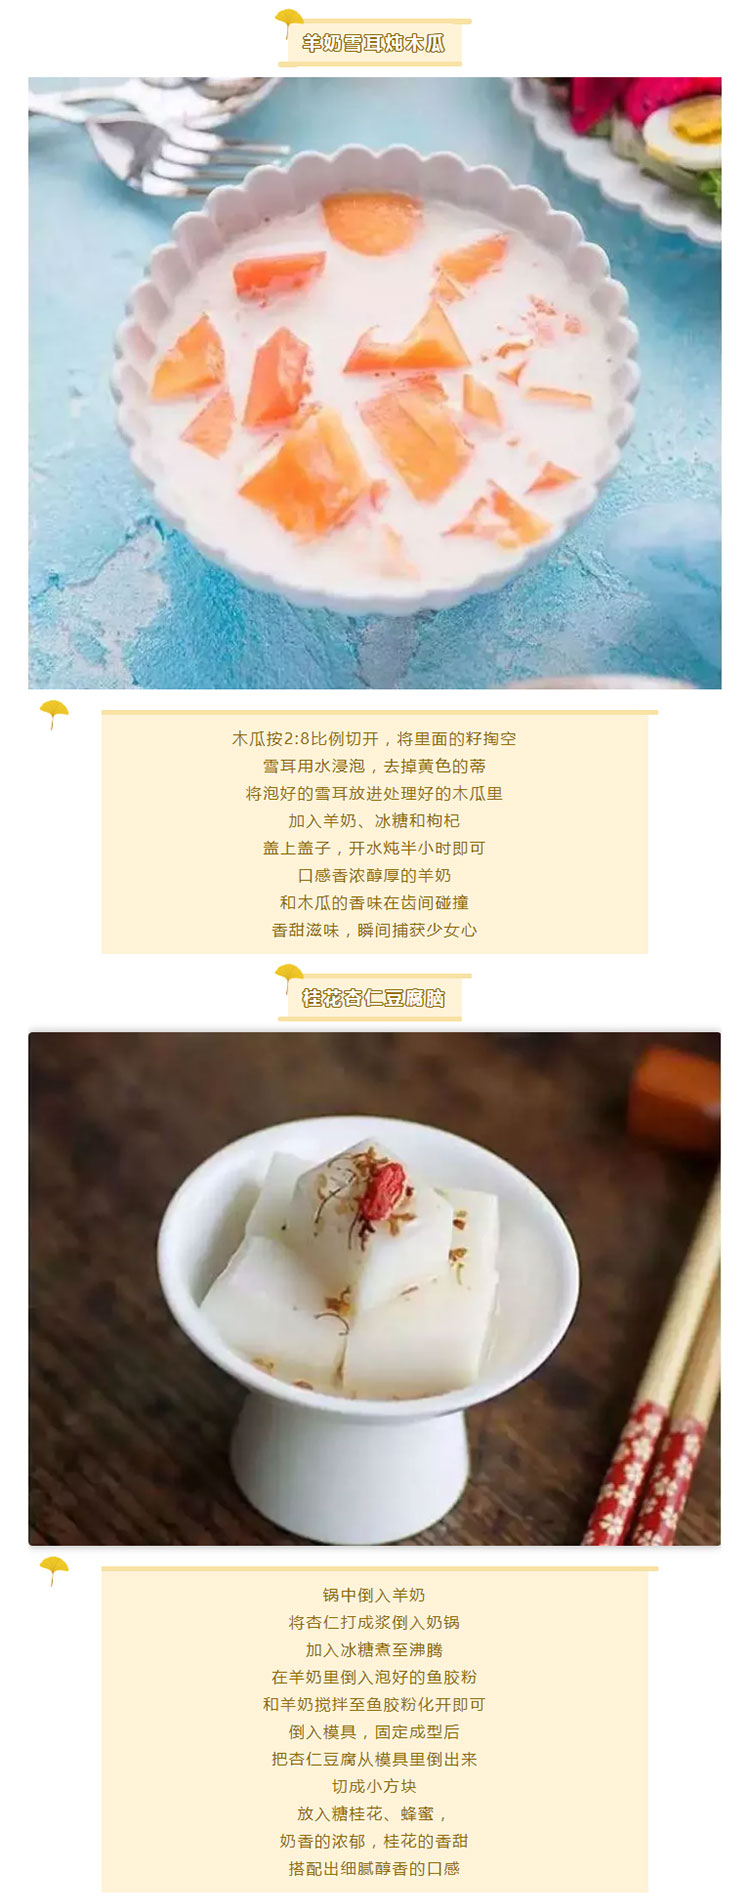 秋季养生食谱,会吃很重要-!_02.jpg